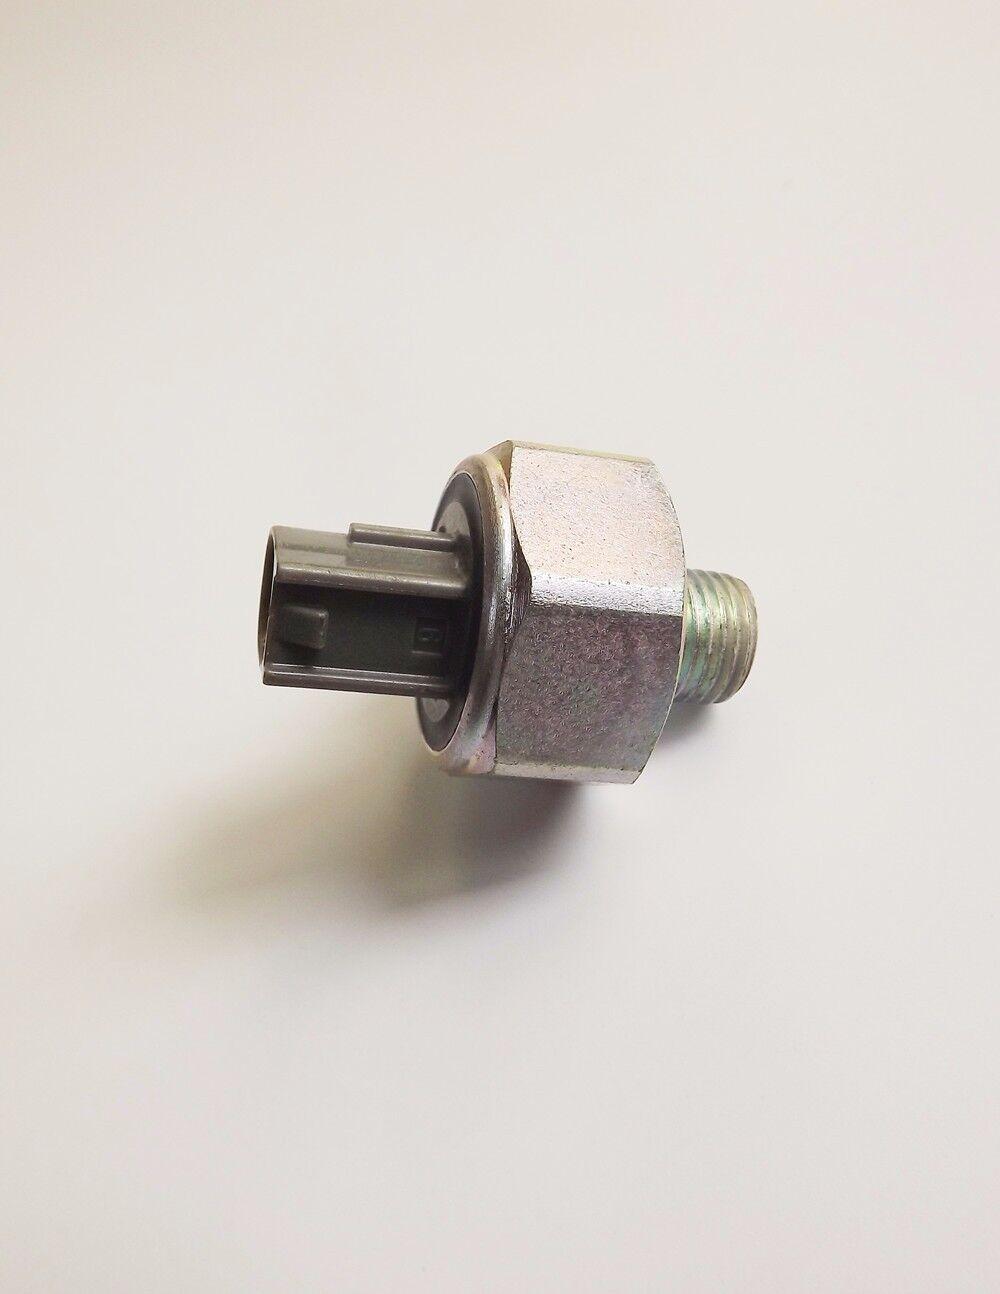 KNOCK SENSOR FIT FOR TOYOTA 4Runner Celica LEXUS LS400 89615-50010